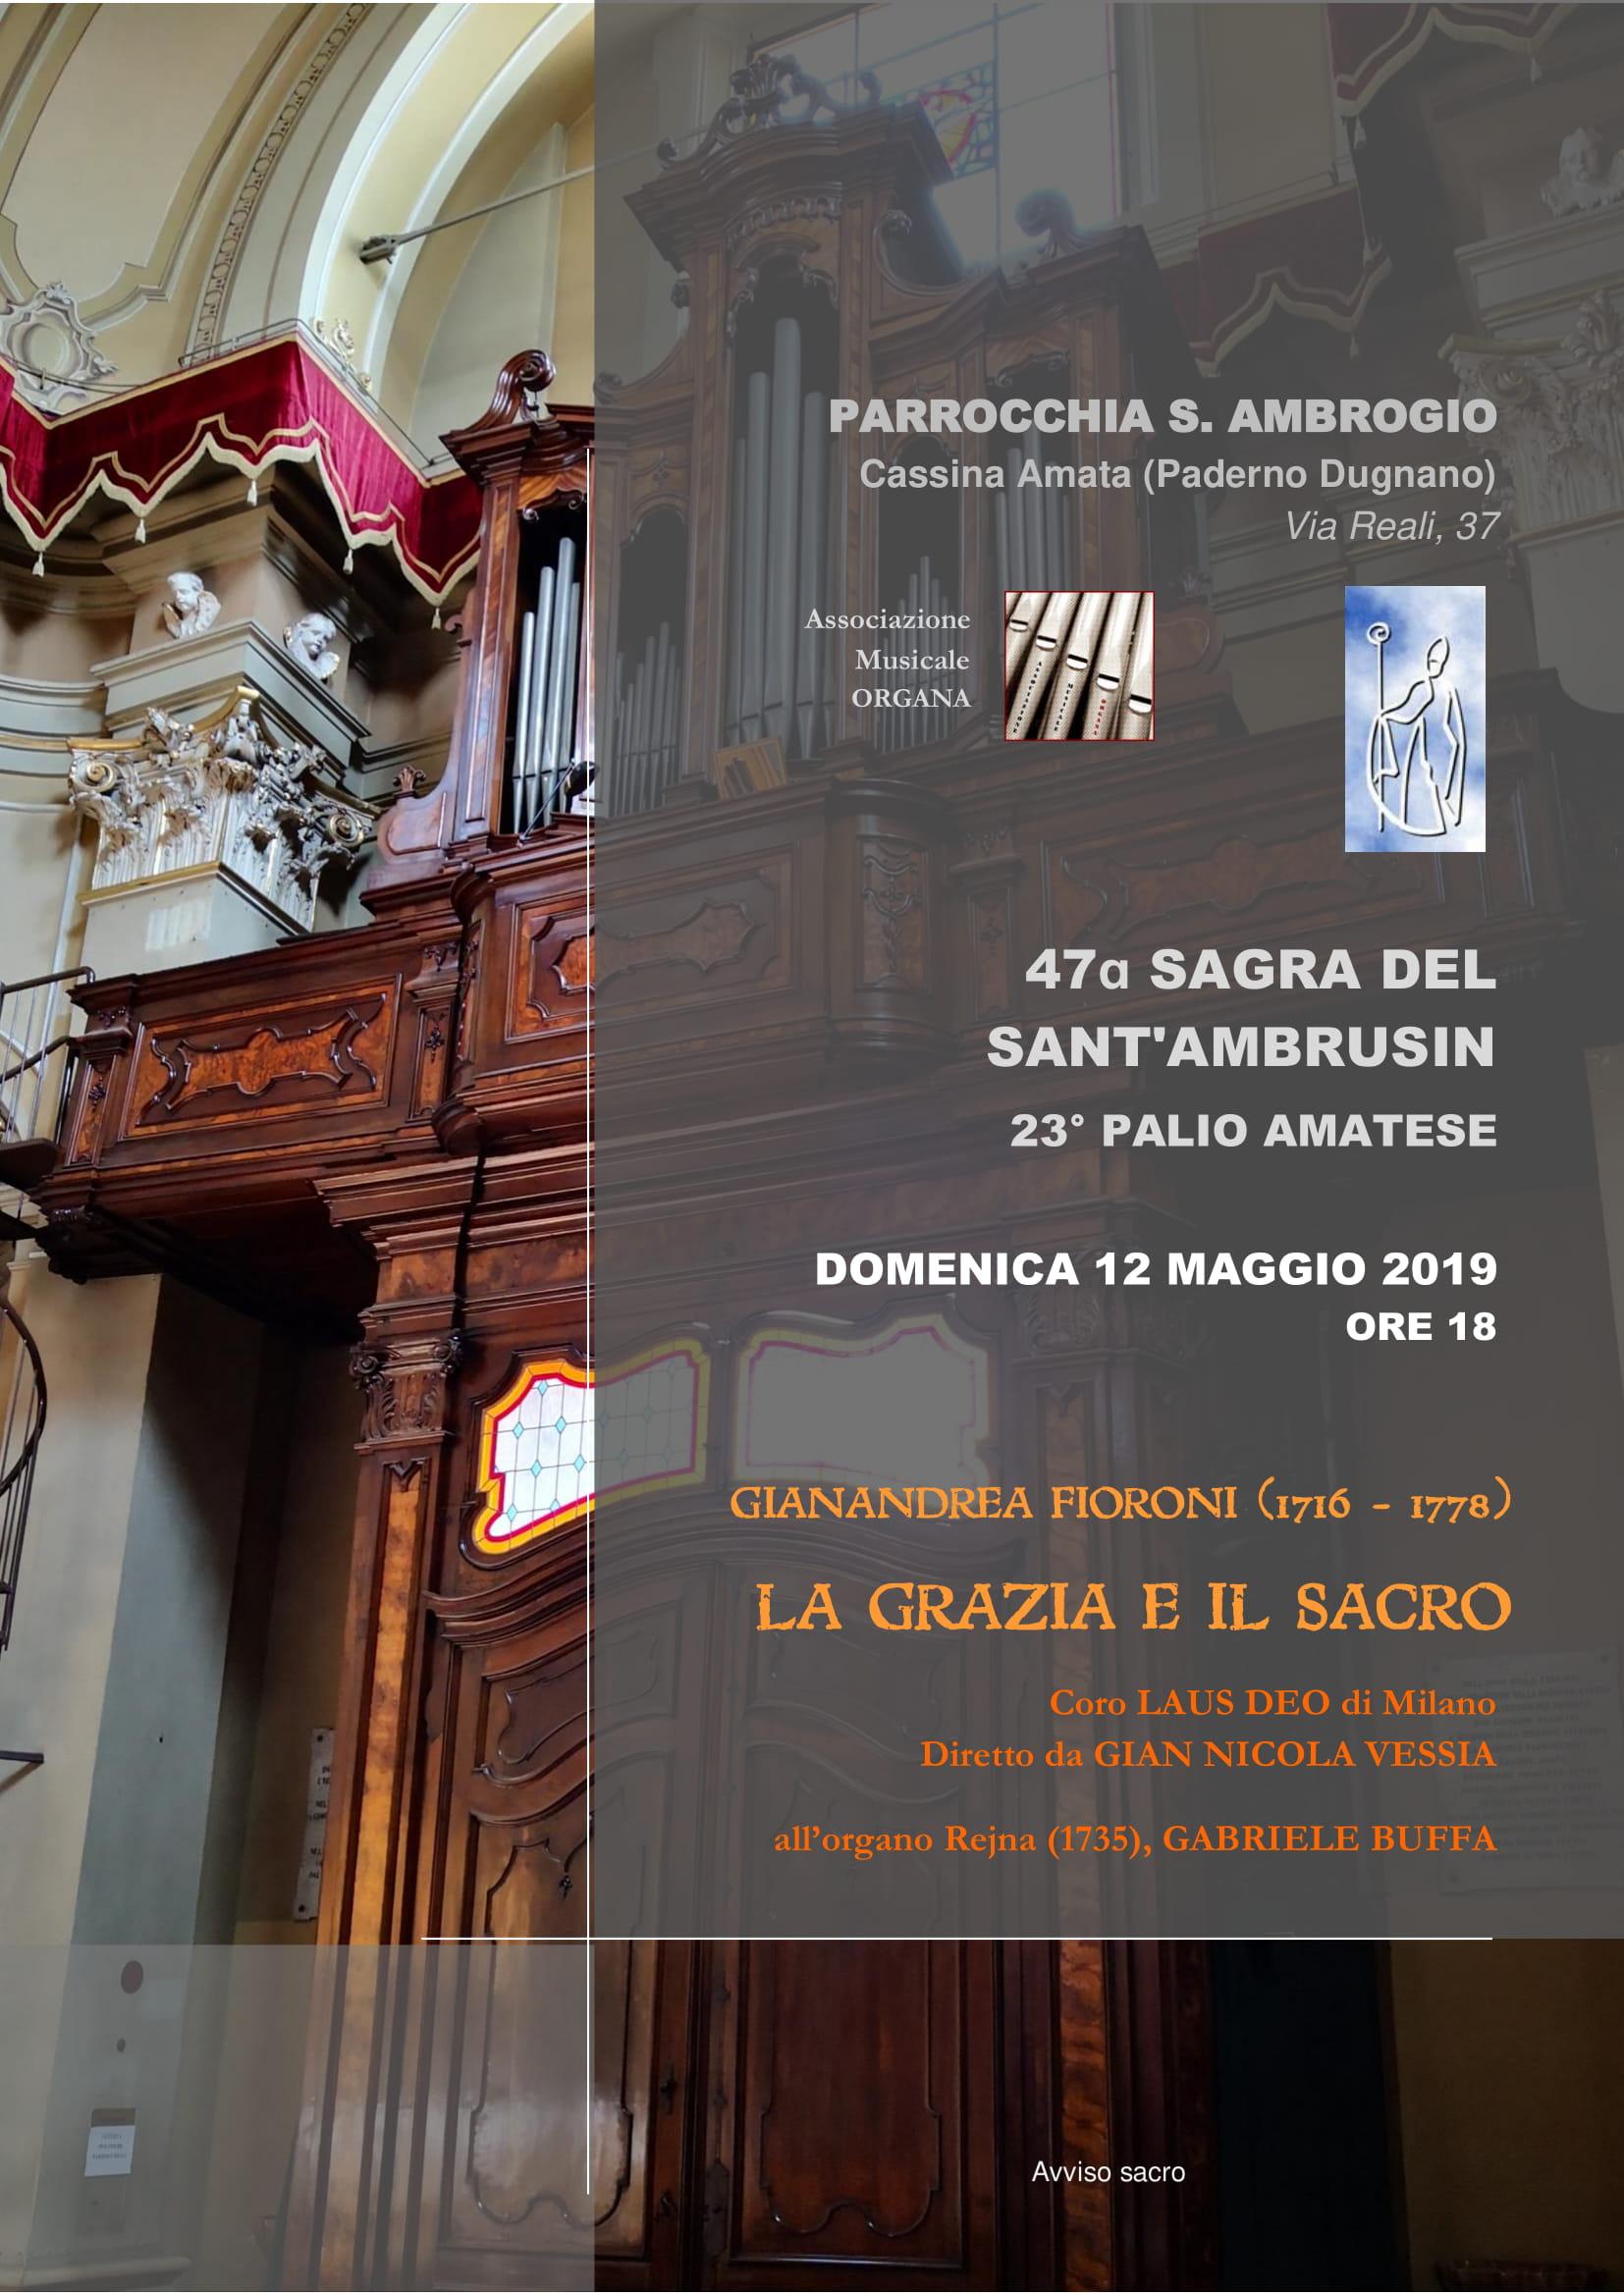 concerto cassina amata4-1